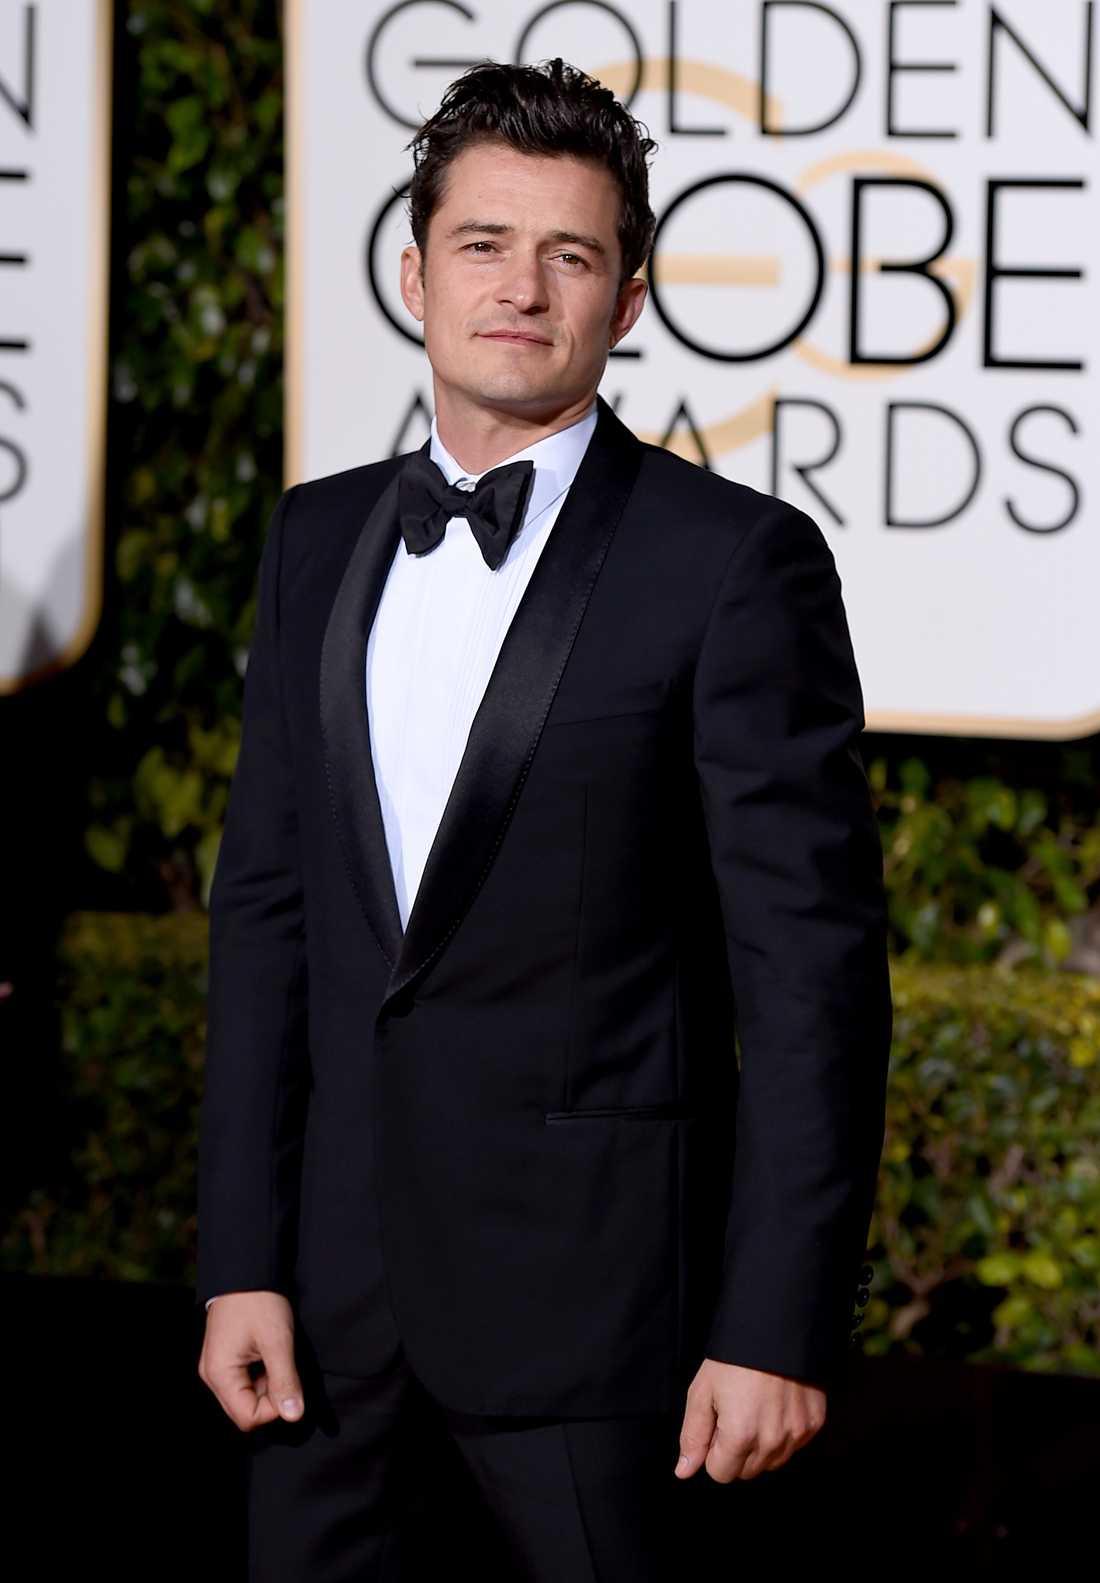 Orlando Bloom på Golden Globes award